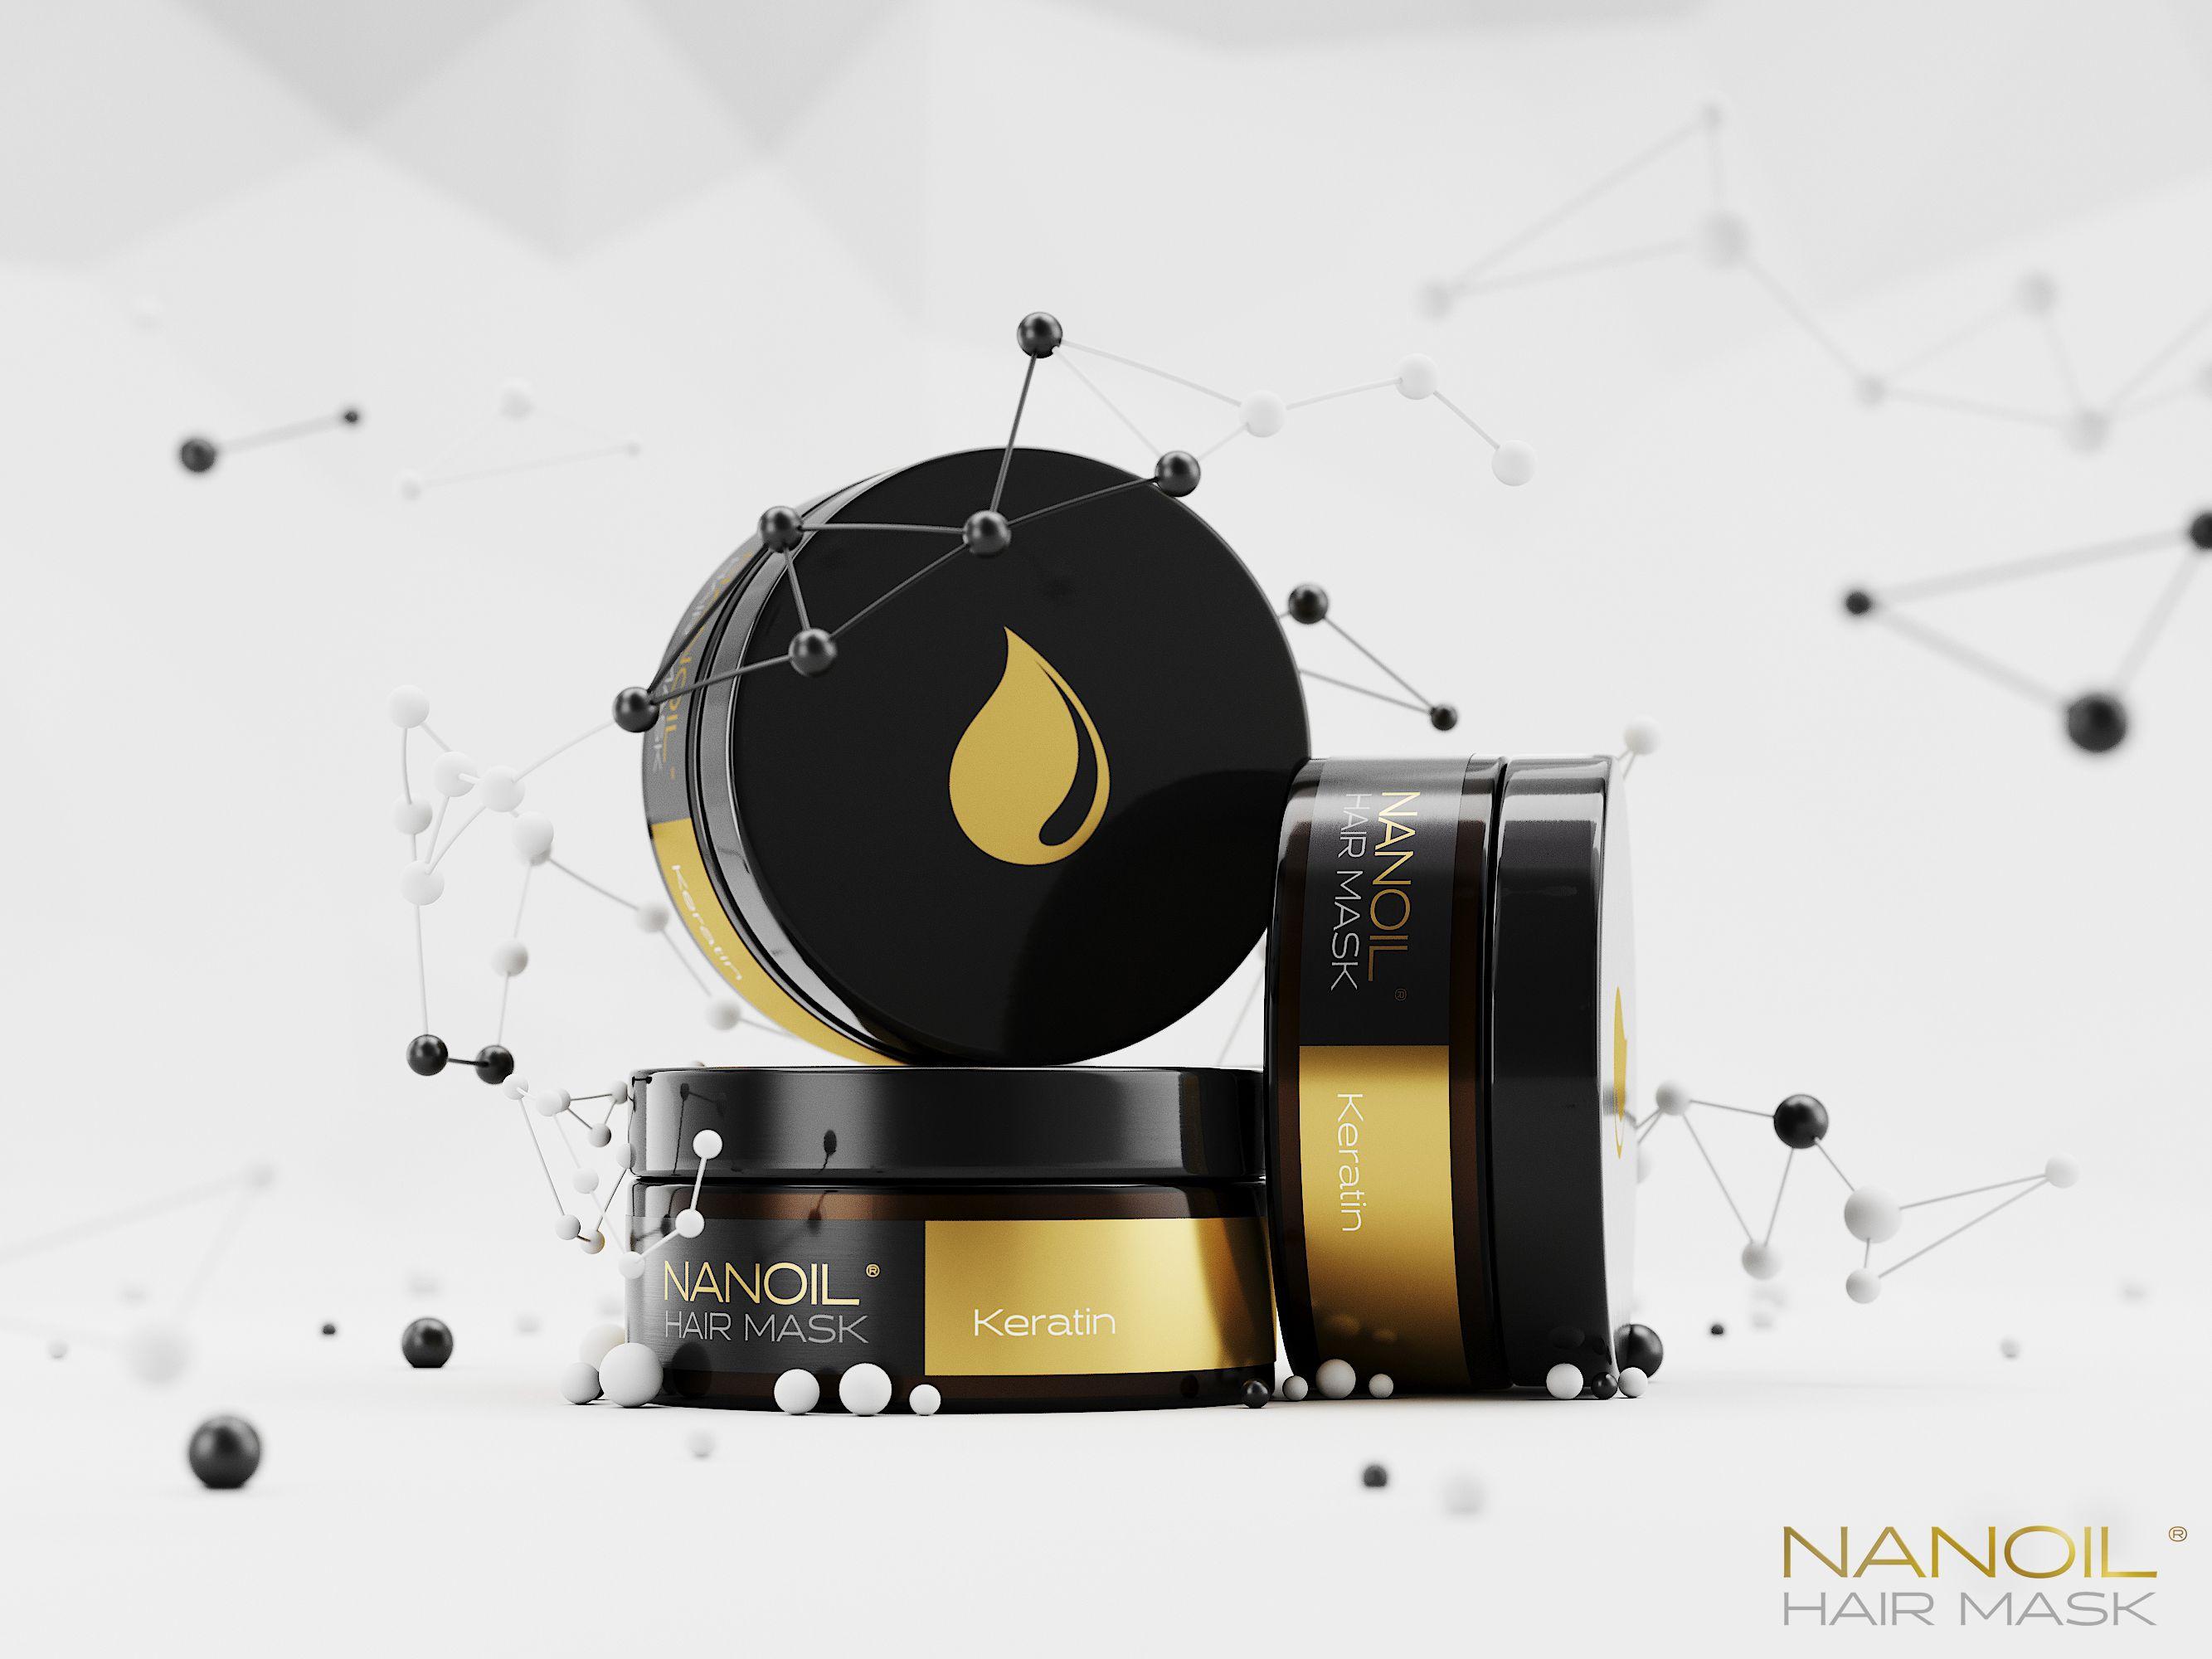 die besten Keratinmasken für Haare Nanoil